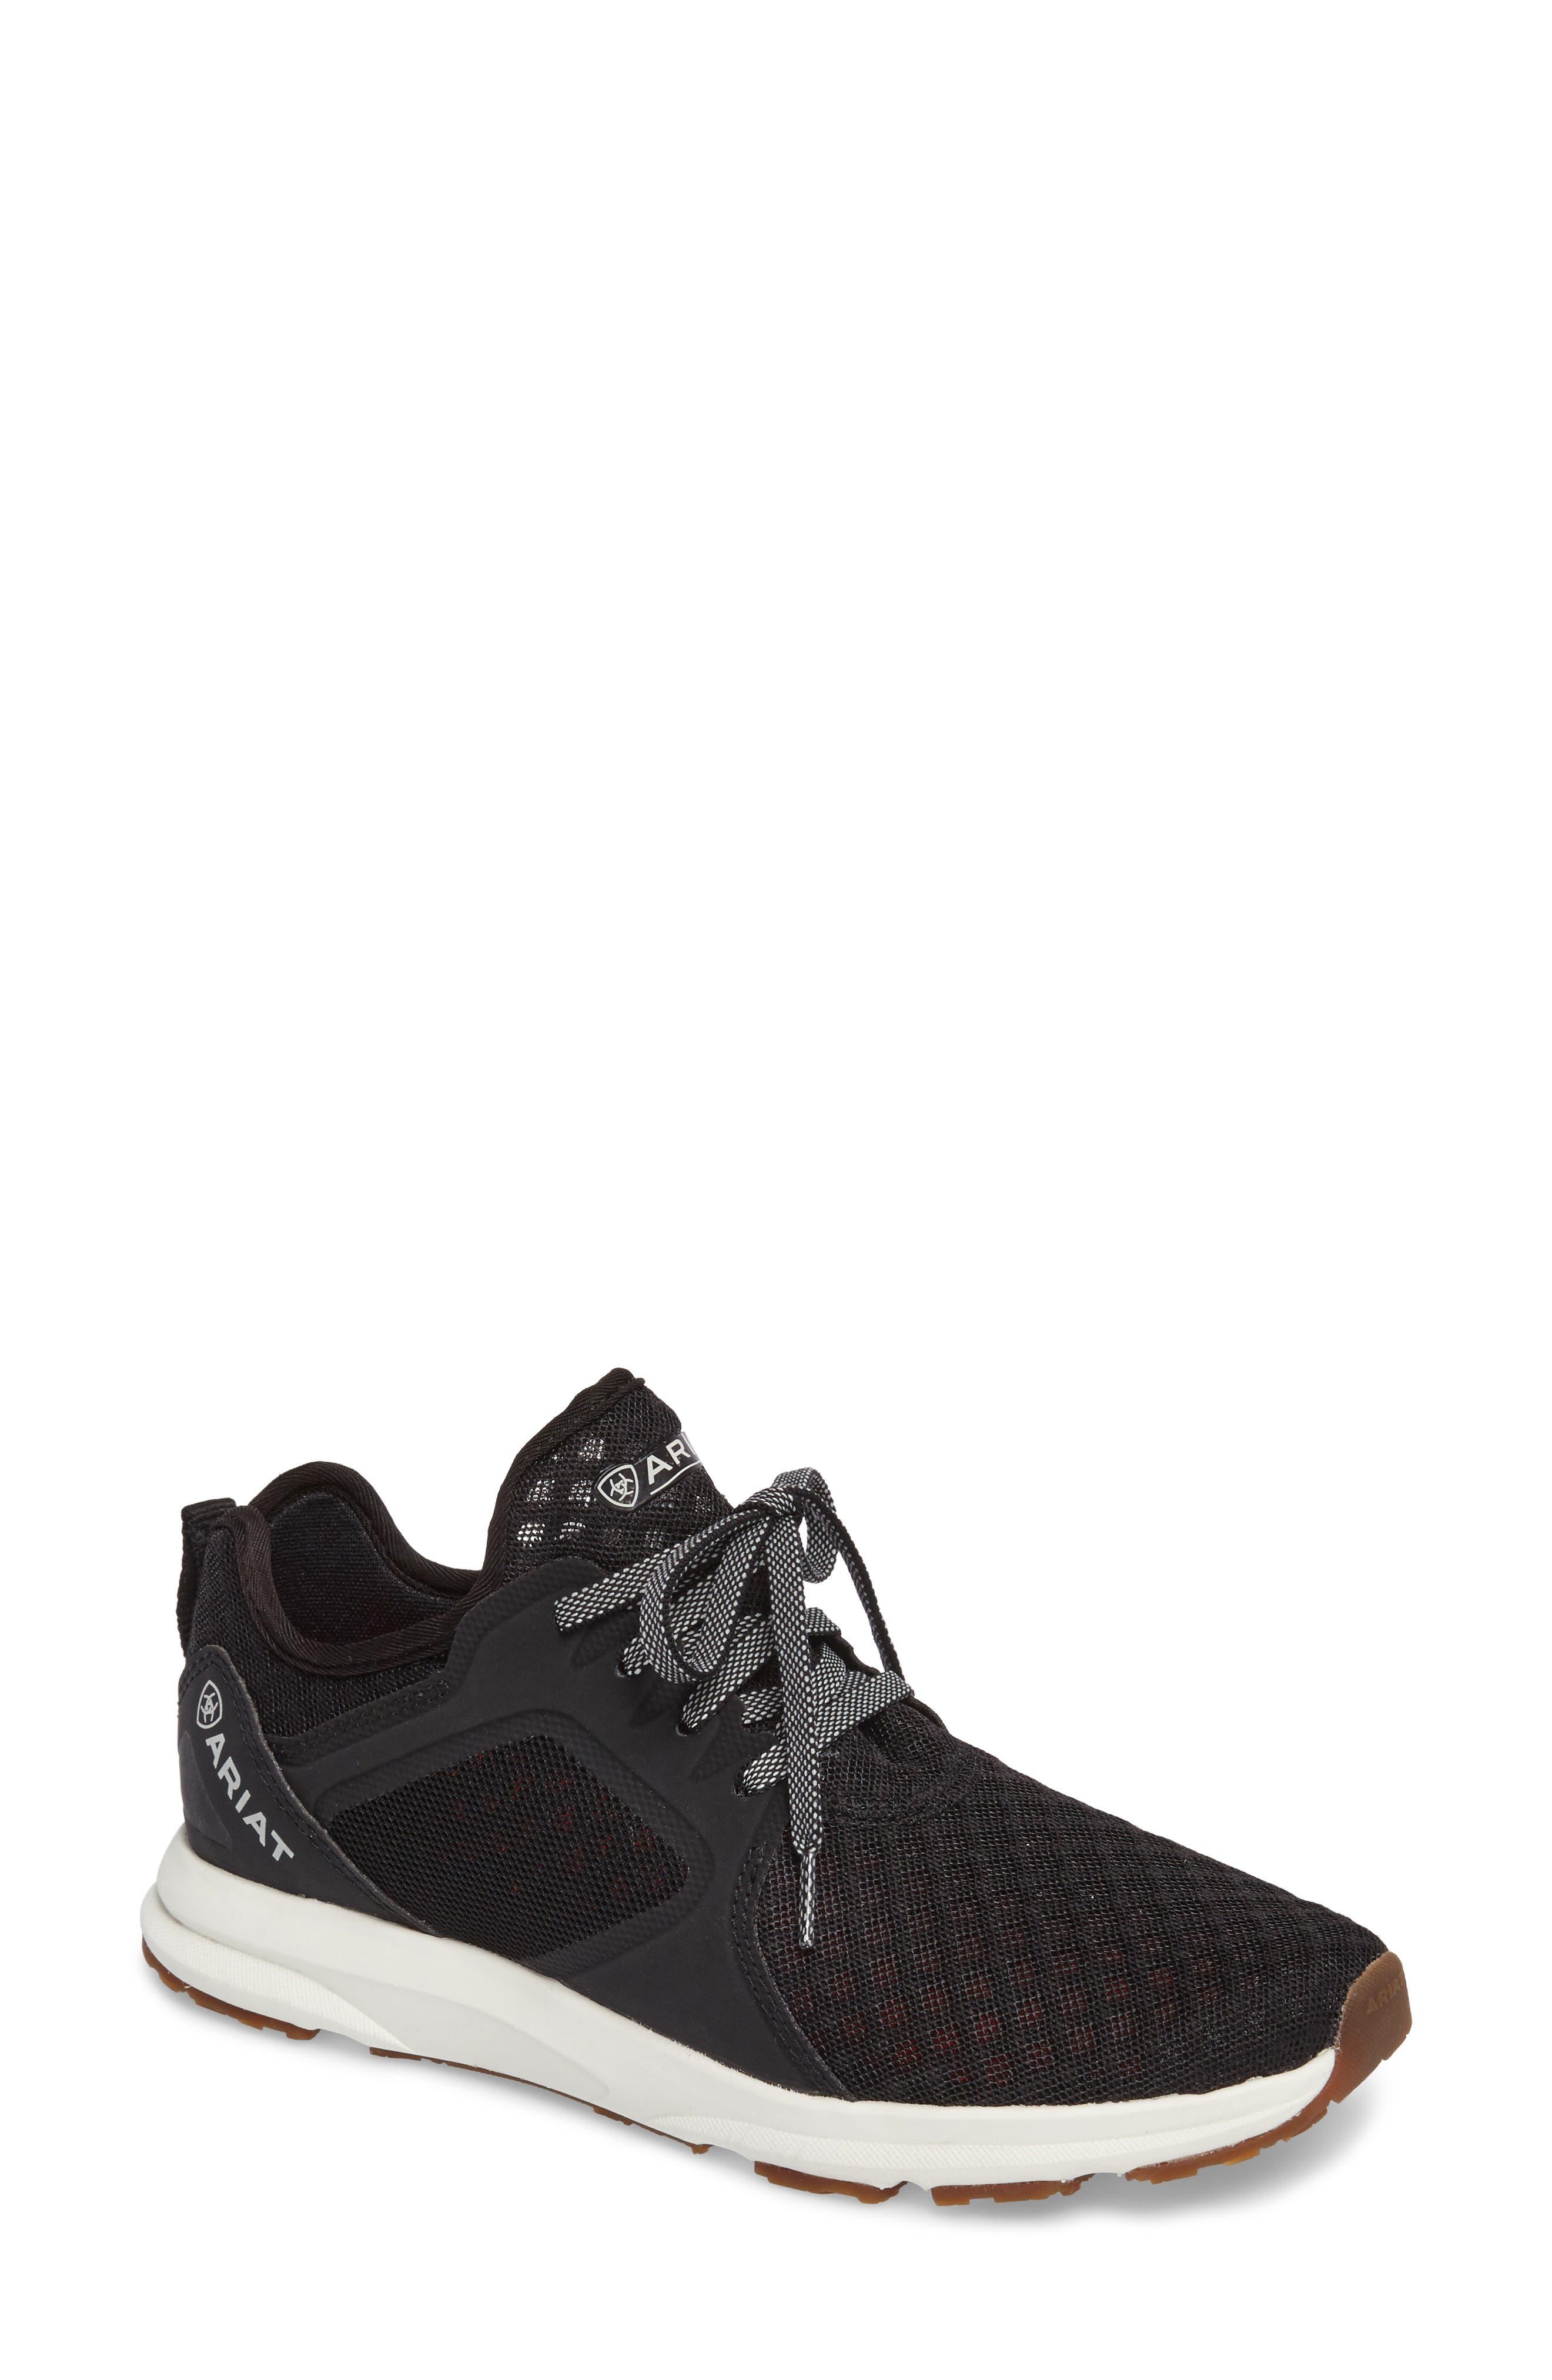 Fuse Sneaker,                             Main thumbnail 1, color,                             Black Mesh